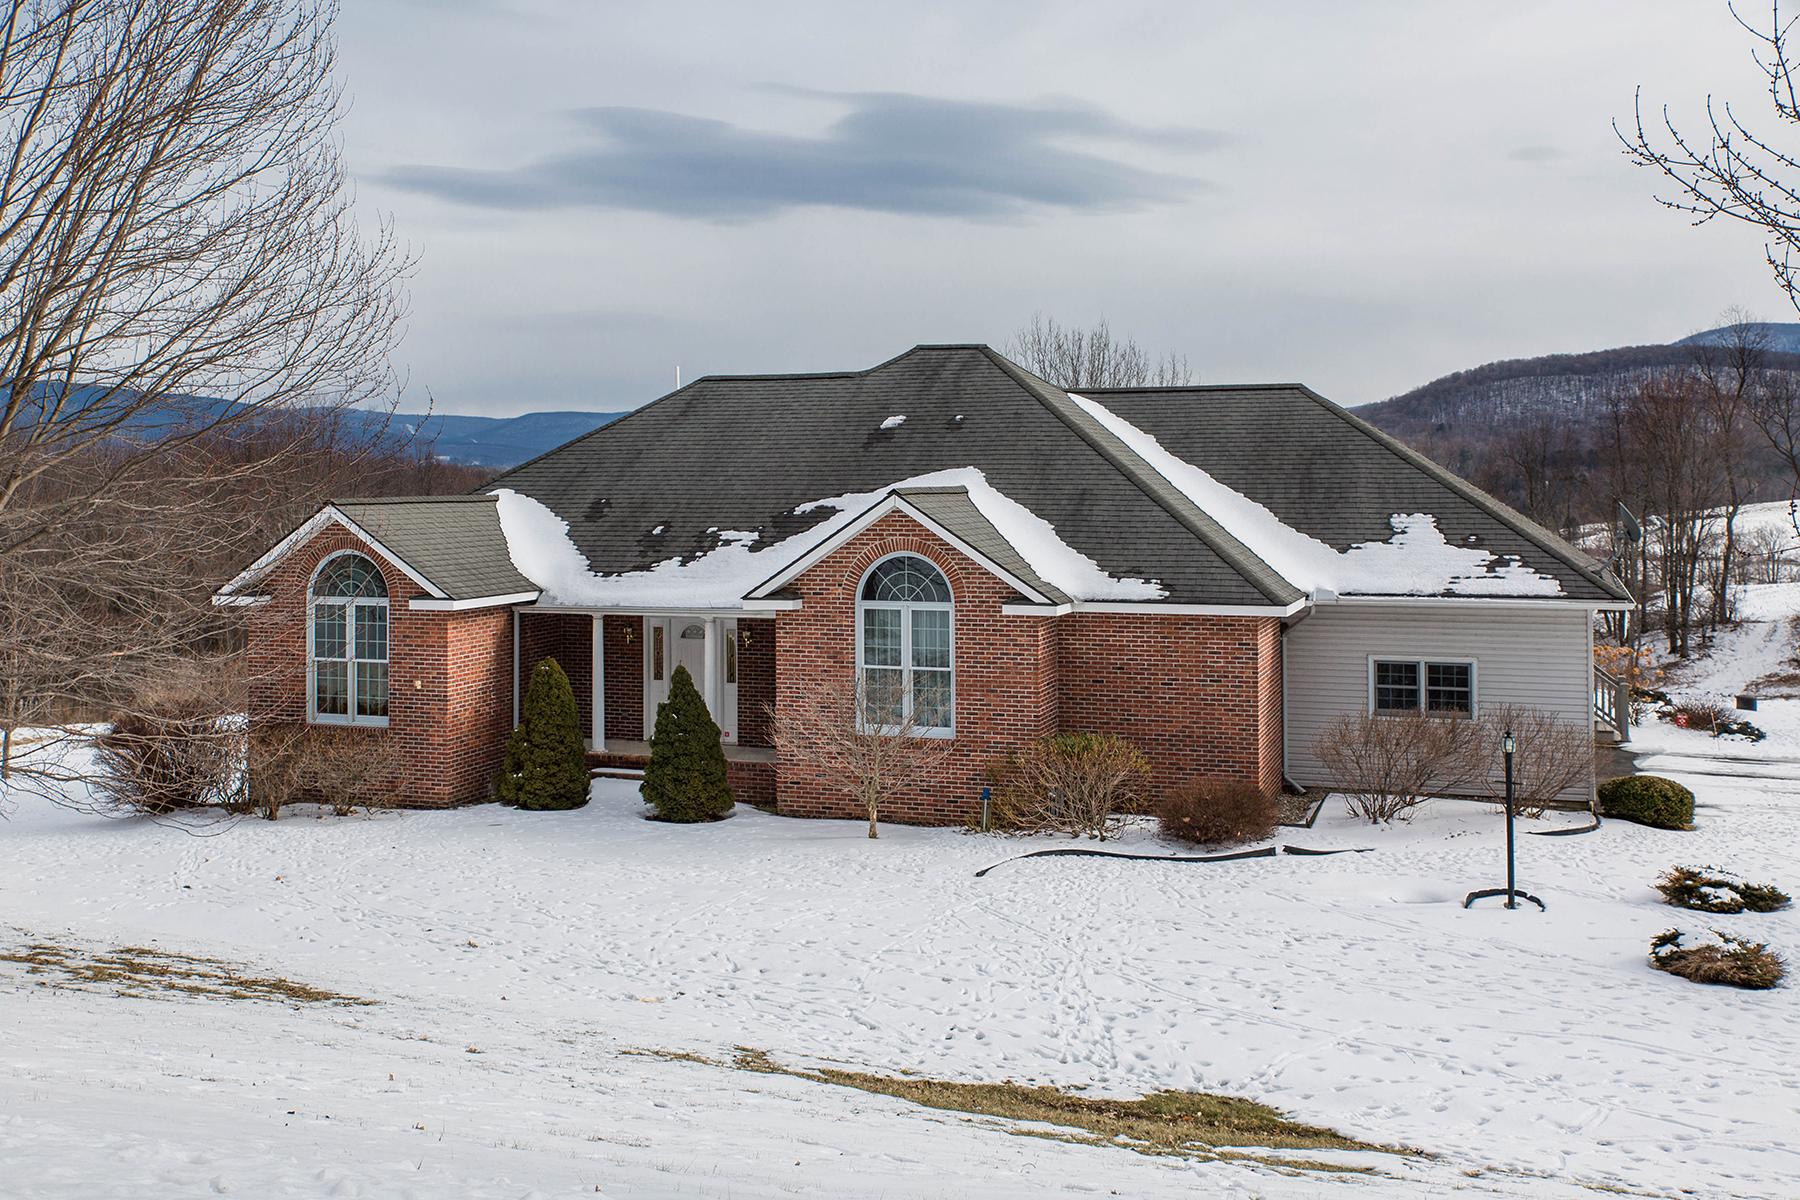 Casa Unifamiliar por un Venta en Elegant Custom Home 240 Beechwood Rd Hoosick Falls, Nueva York 12090 Estados Unidos